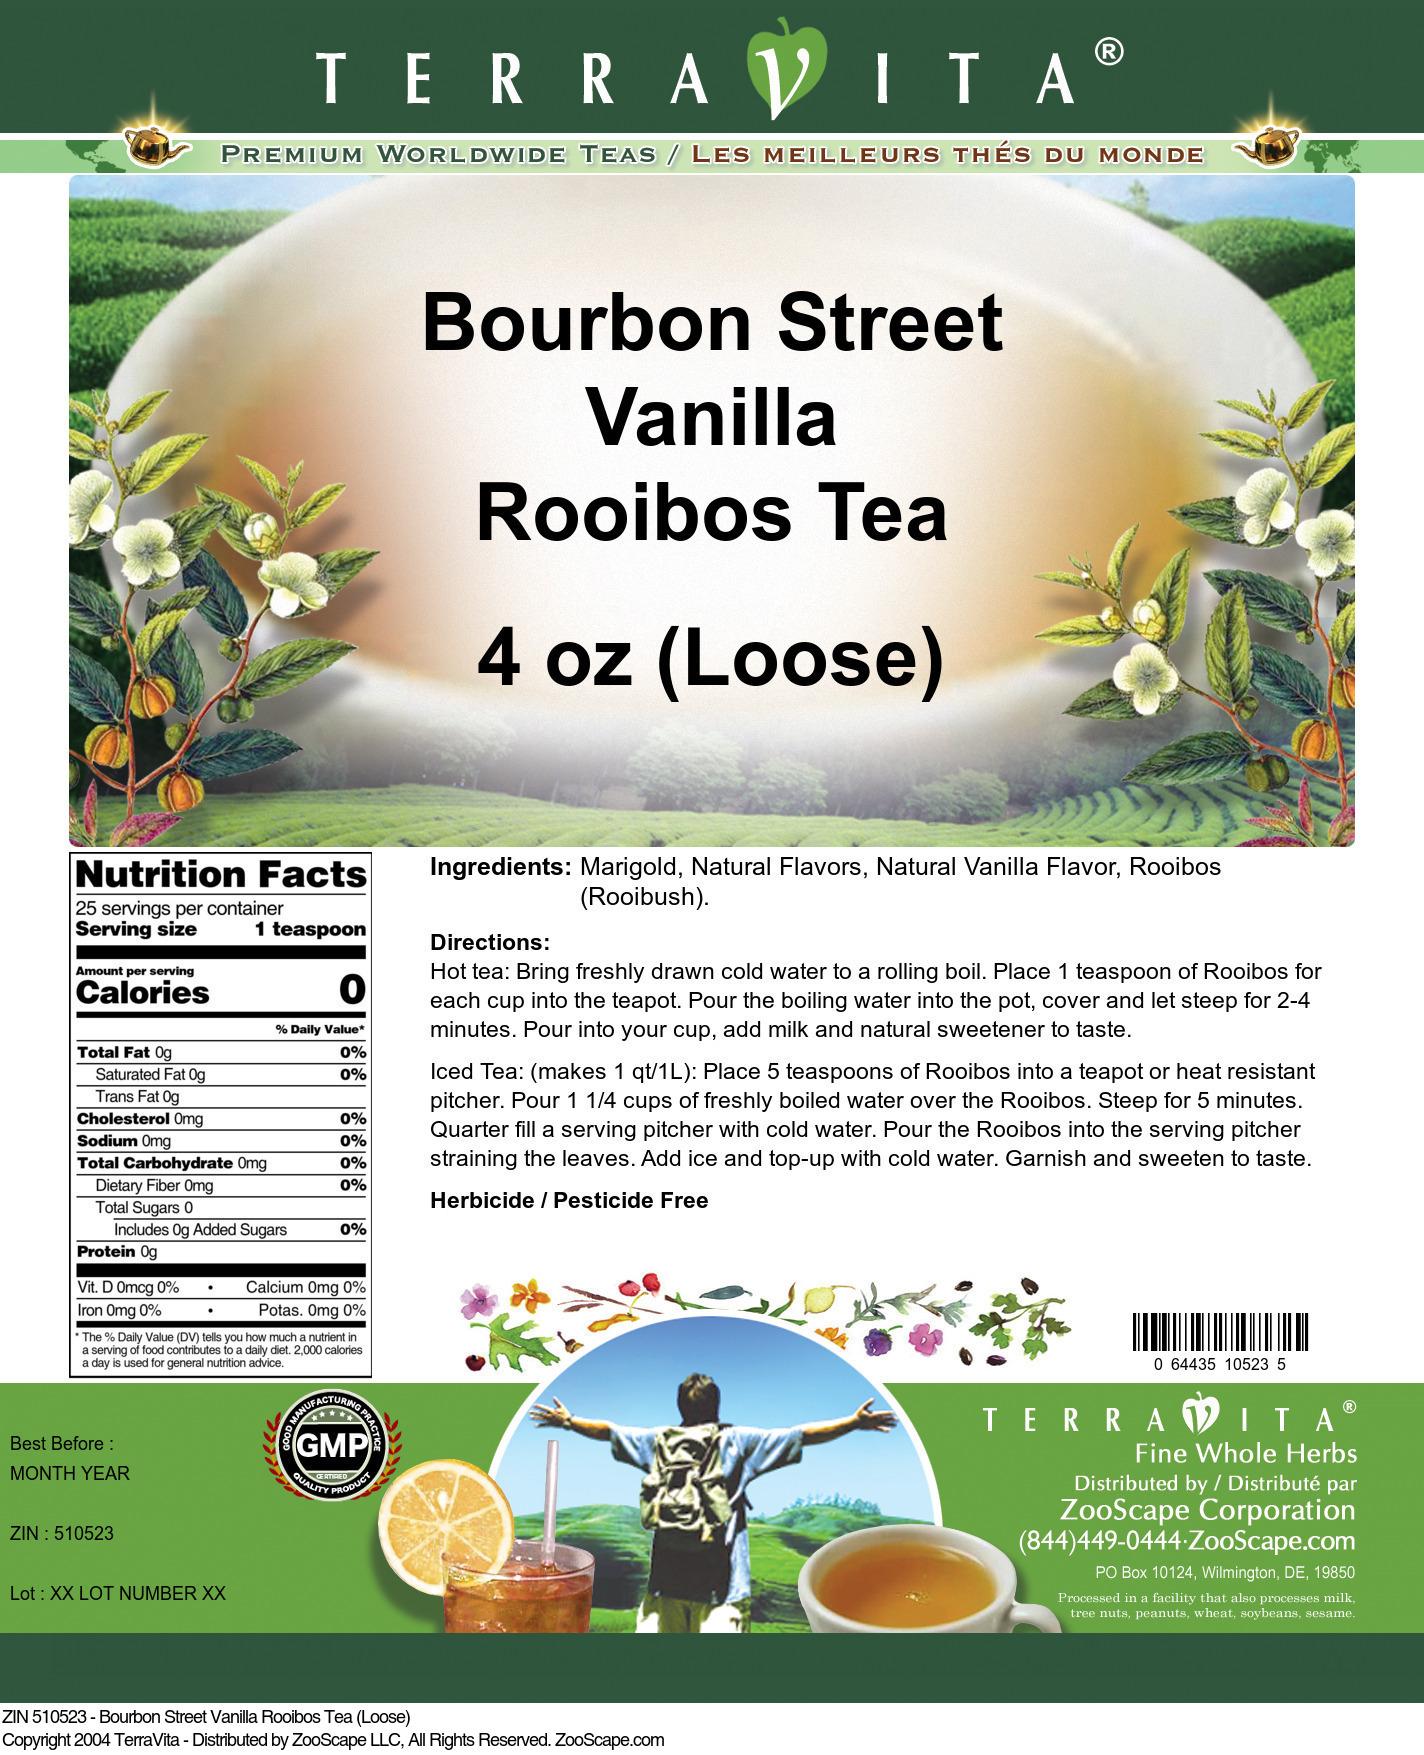 Bourbon Street Vanilla Rooibos Tea (Loose)